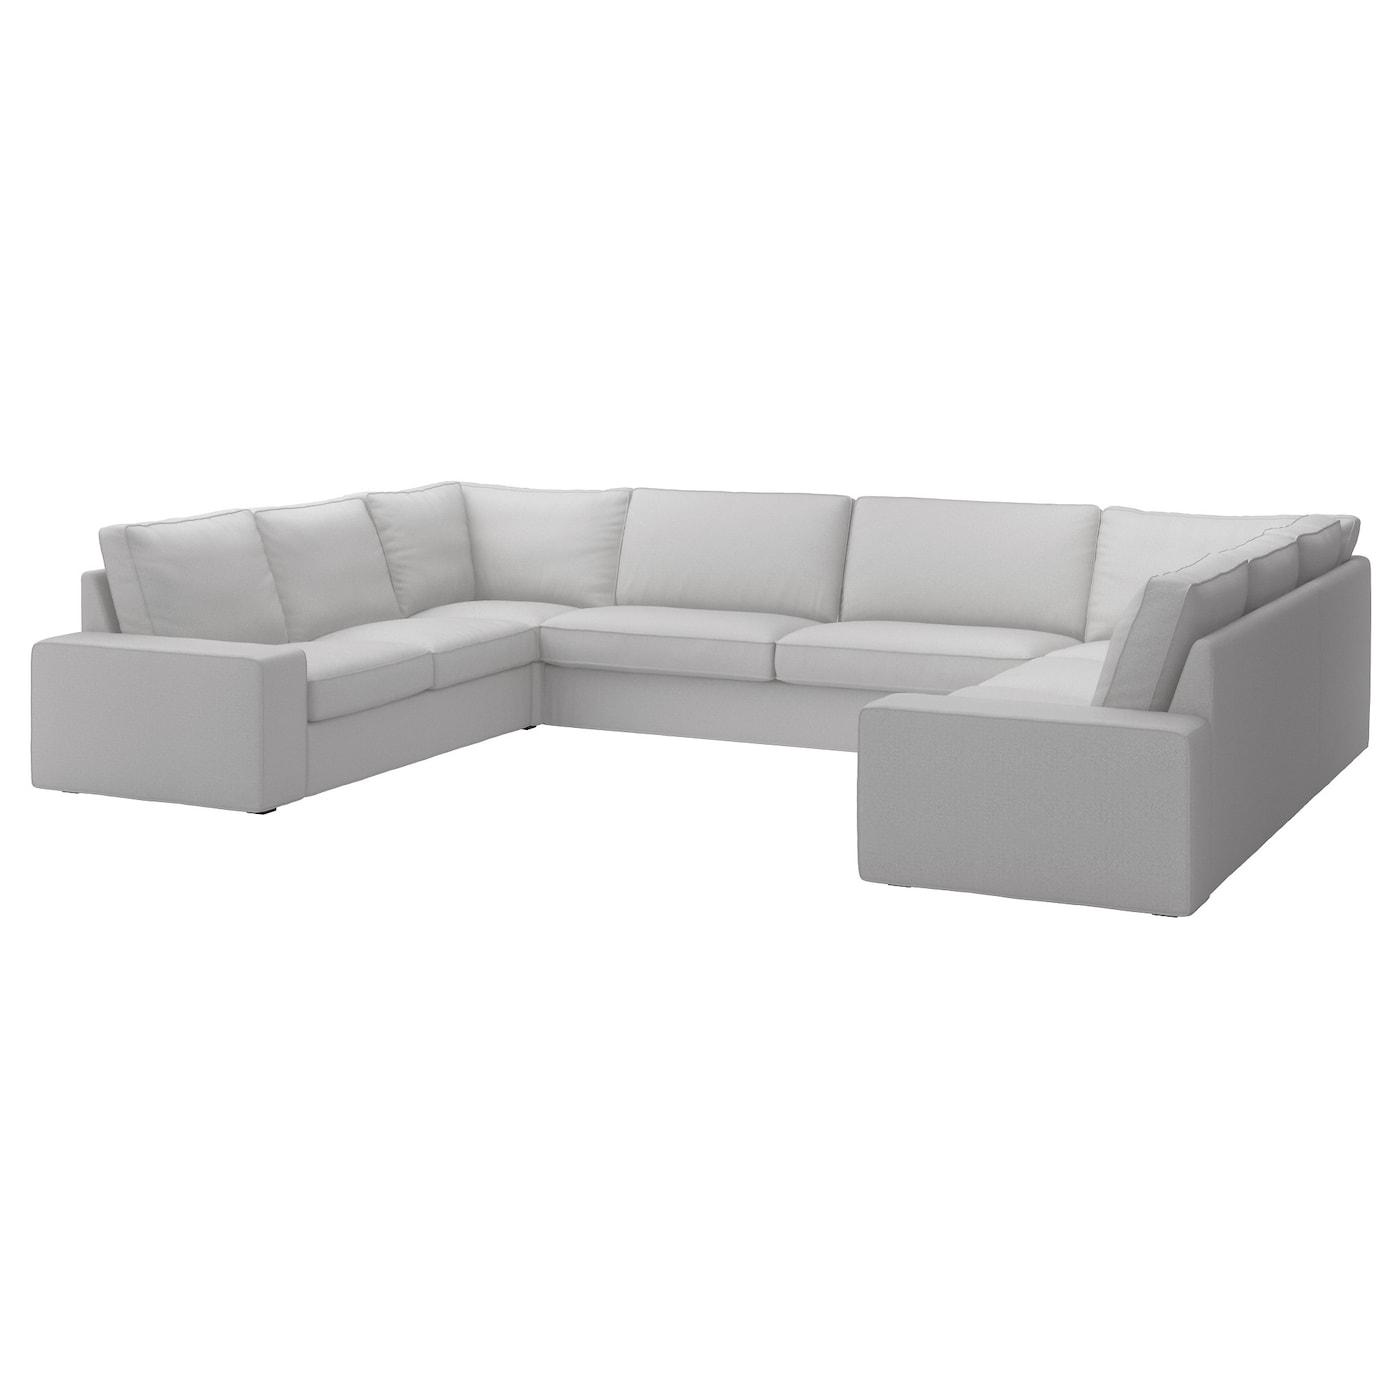 u form gnstig beautiful mbel boss big sofa fresh u form gnstig bei roller kaufen high. Black Bedroom Furniture Sets. Home Design Ideas